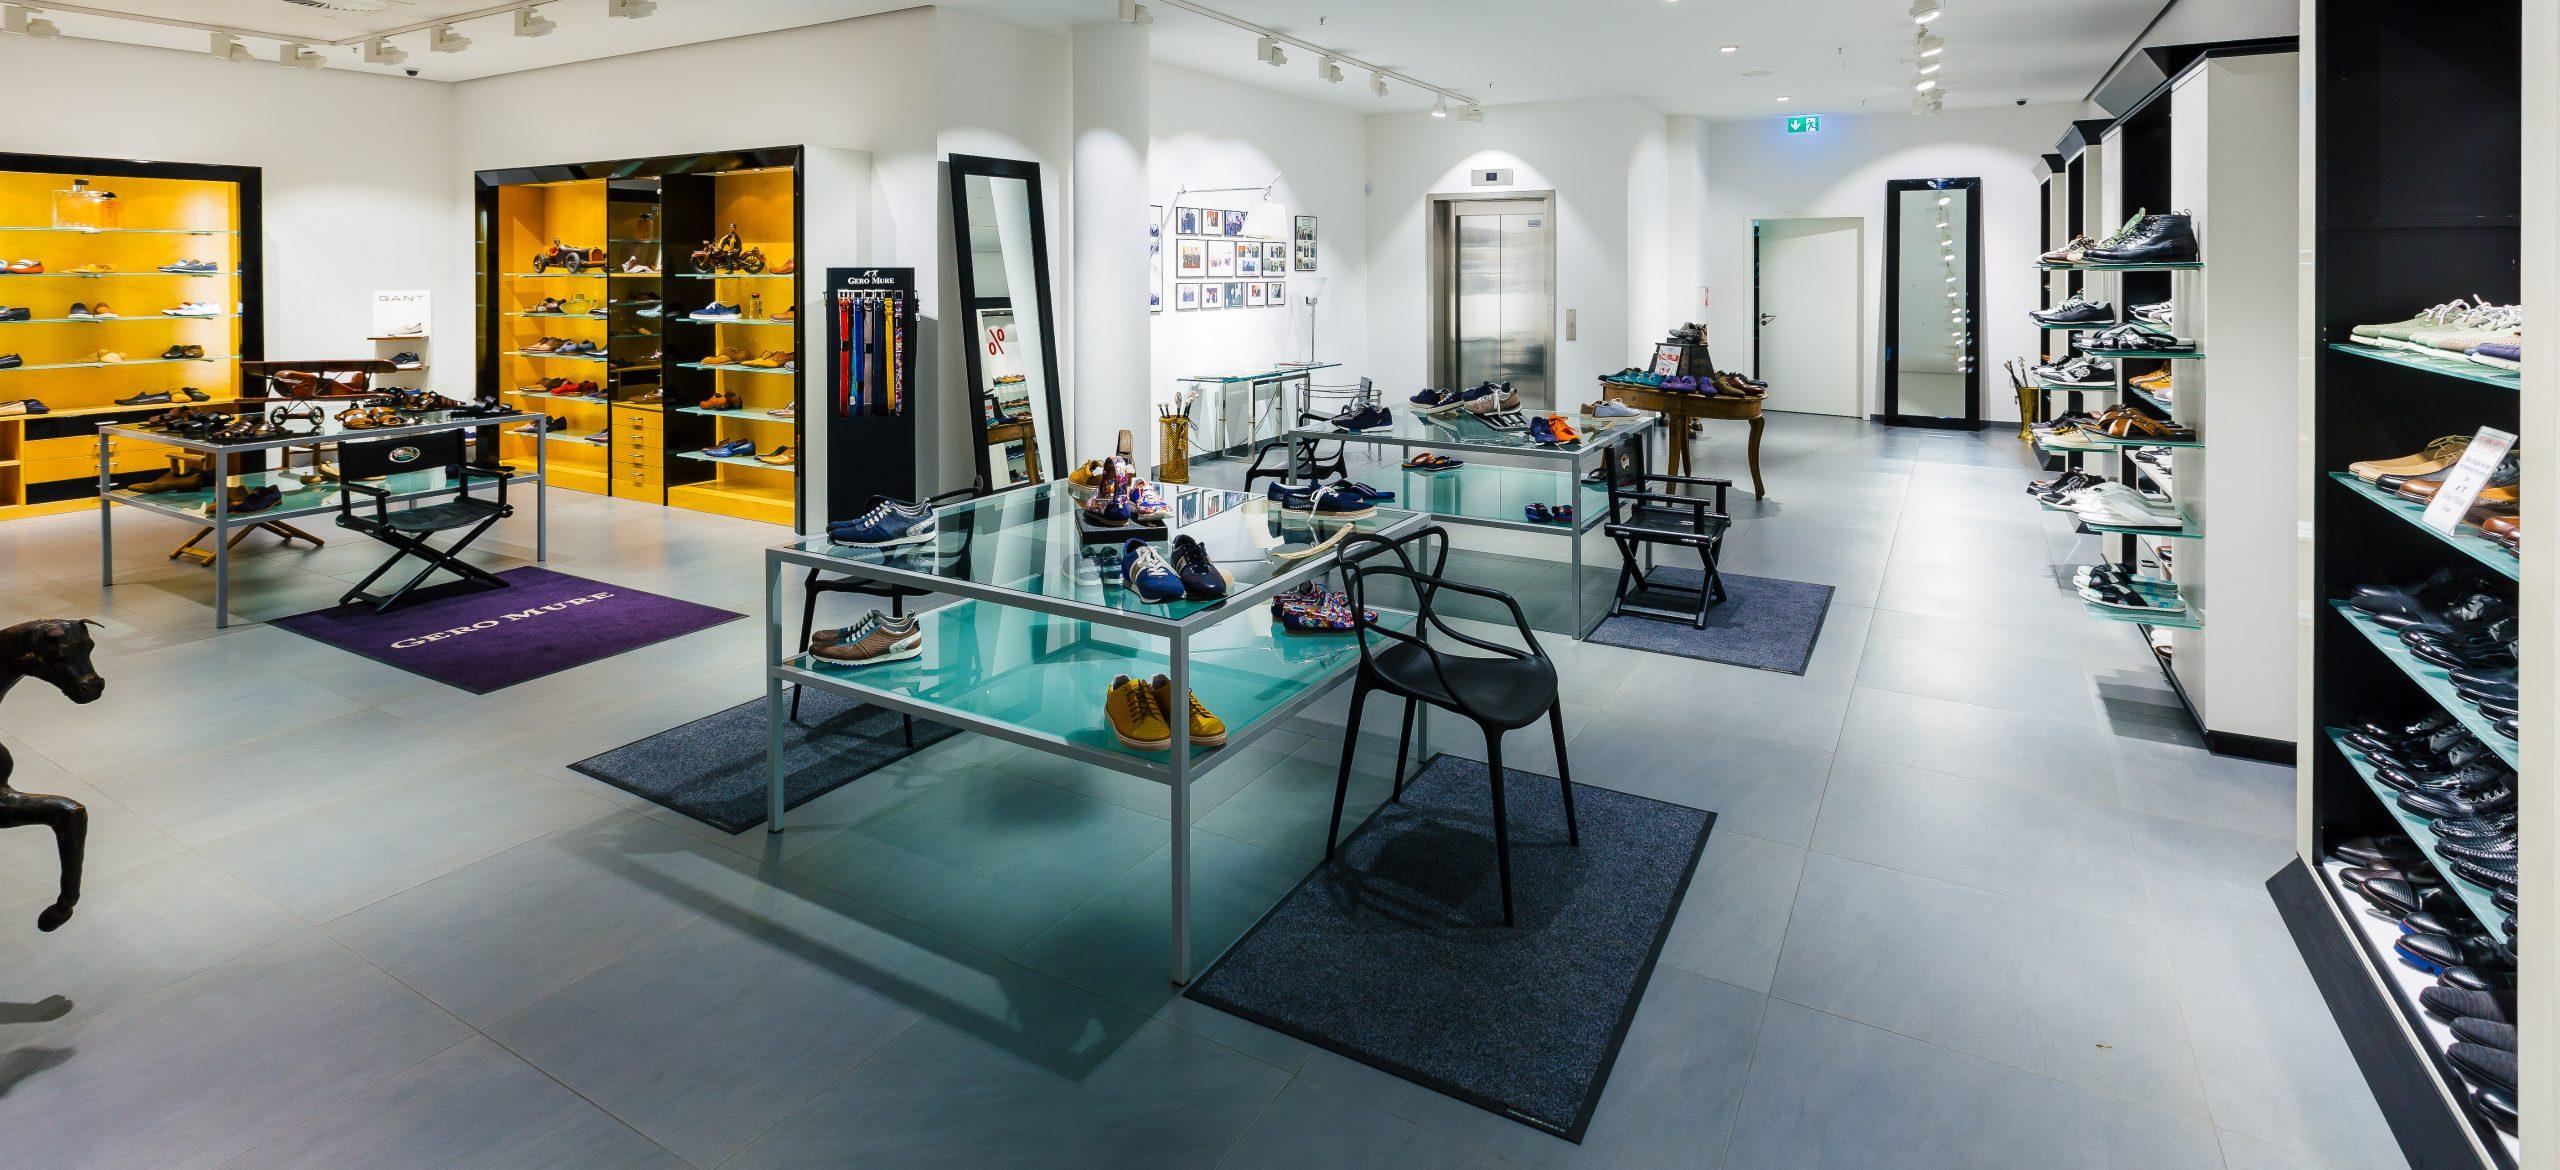 GERO MURE in P7 ist eines unserer Schuhgeschäfte in Mannheim. Finden Sie hier den Traumschuh zu Ihrem Outfit in Mannheim.